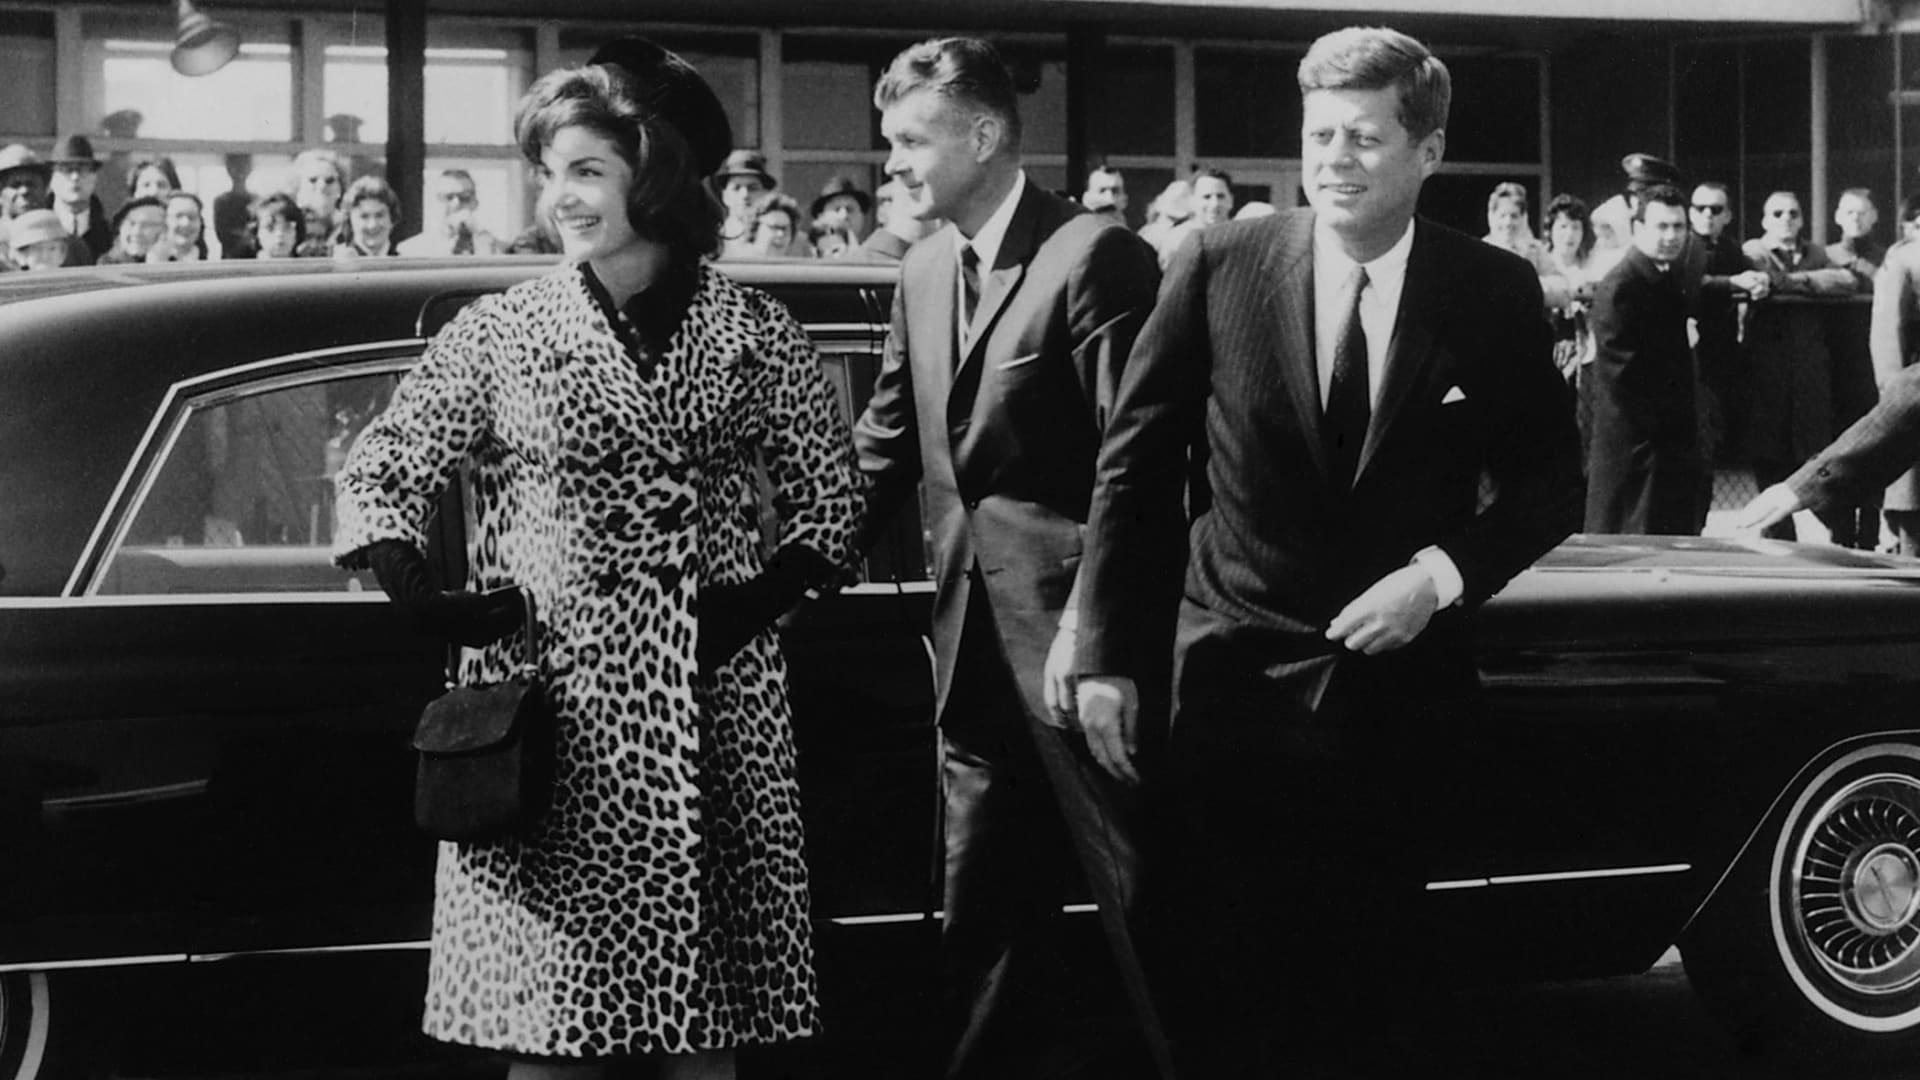 جاكي كينيدي، برفقة الرئيس كينيدي، ترتدي معطفاً من تصميم أوليغ كاسيني من جلد الفهد في العام 1962.